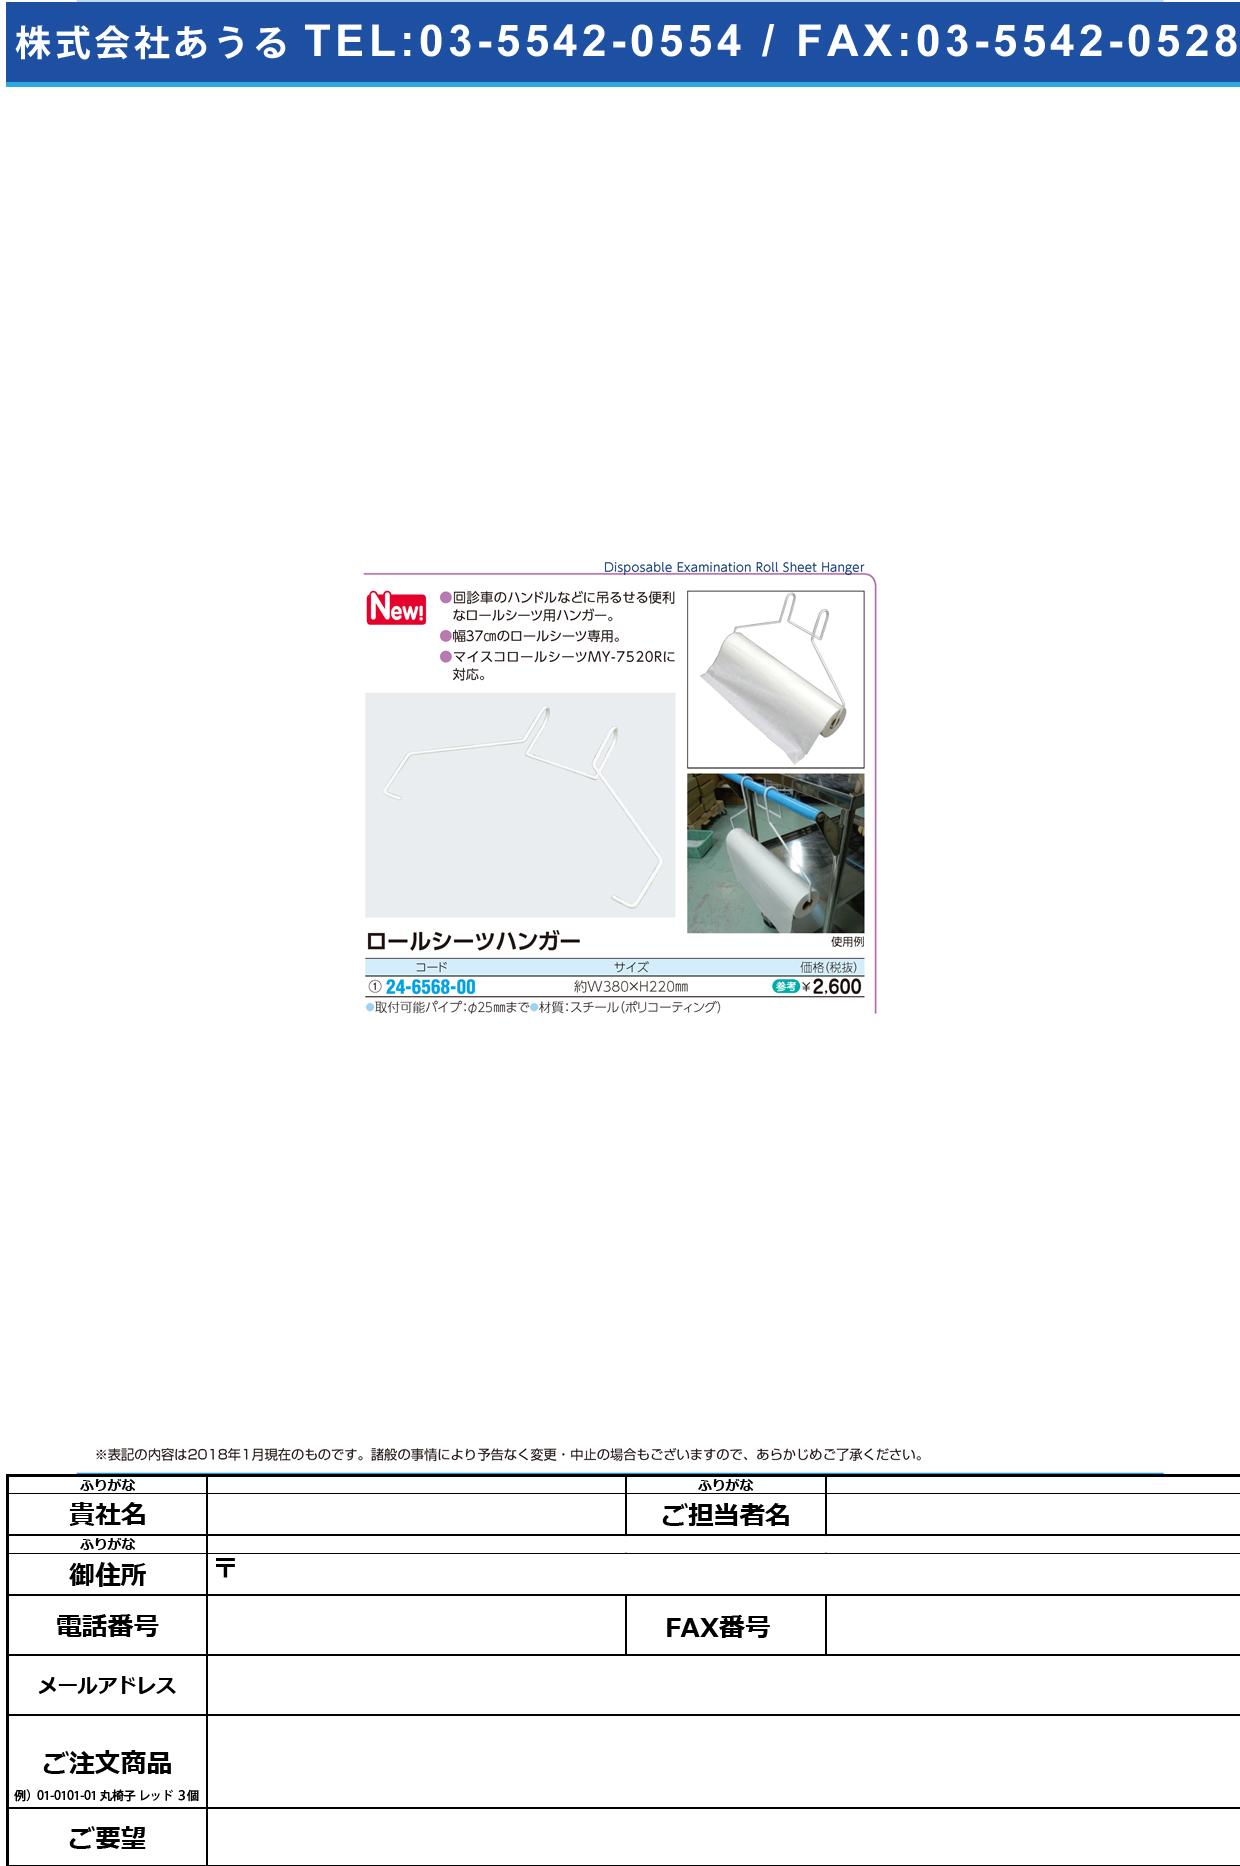 (24-6568-00)ロールシーツハンガー 380X220MM ロールシーツハンガー【1個単位】【2018年カタログ商品】